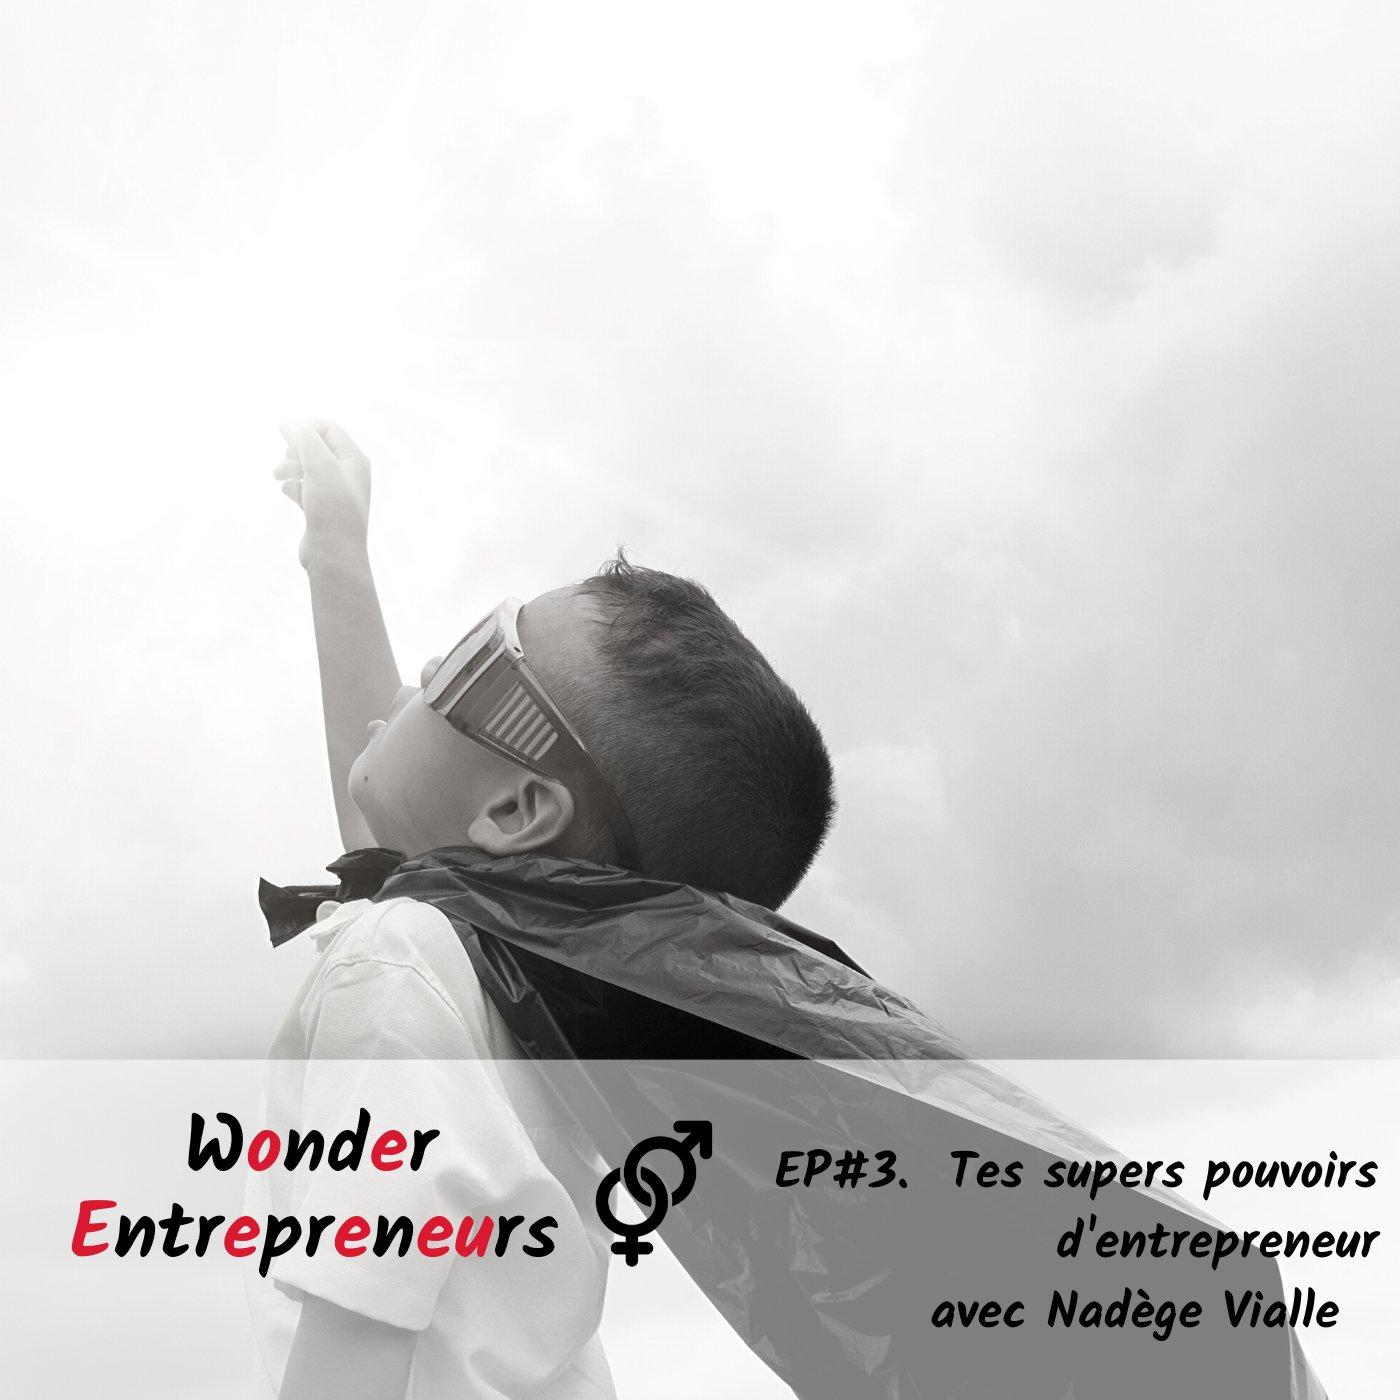 Ep 3 Wonder Entrepreneurs Tes supers pouvoirs d'entrepreneurs